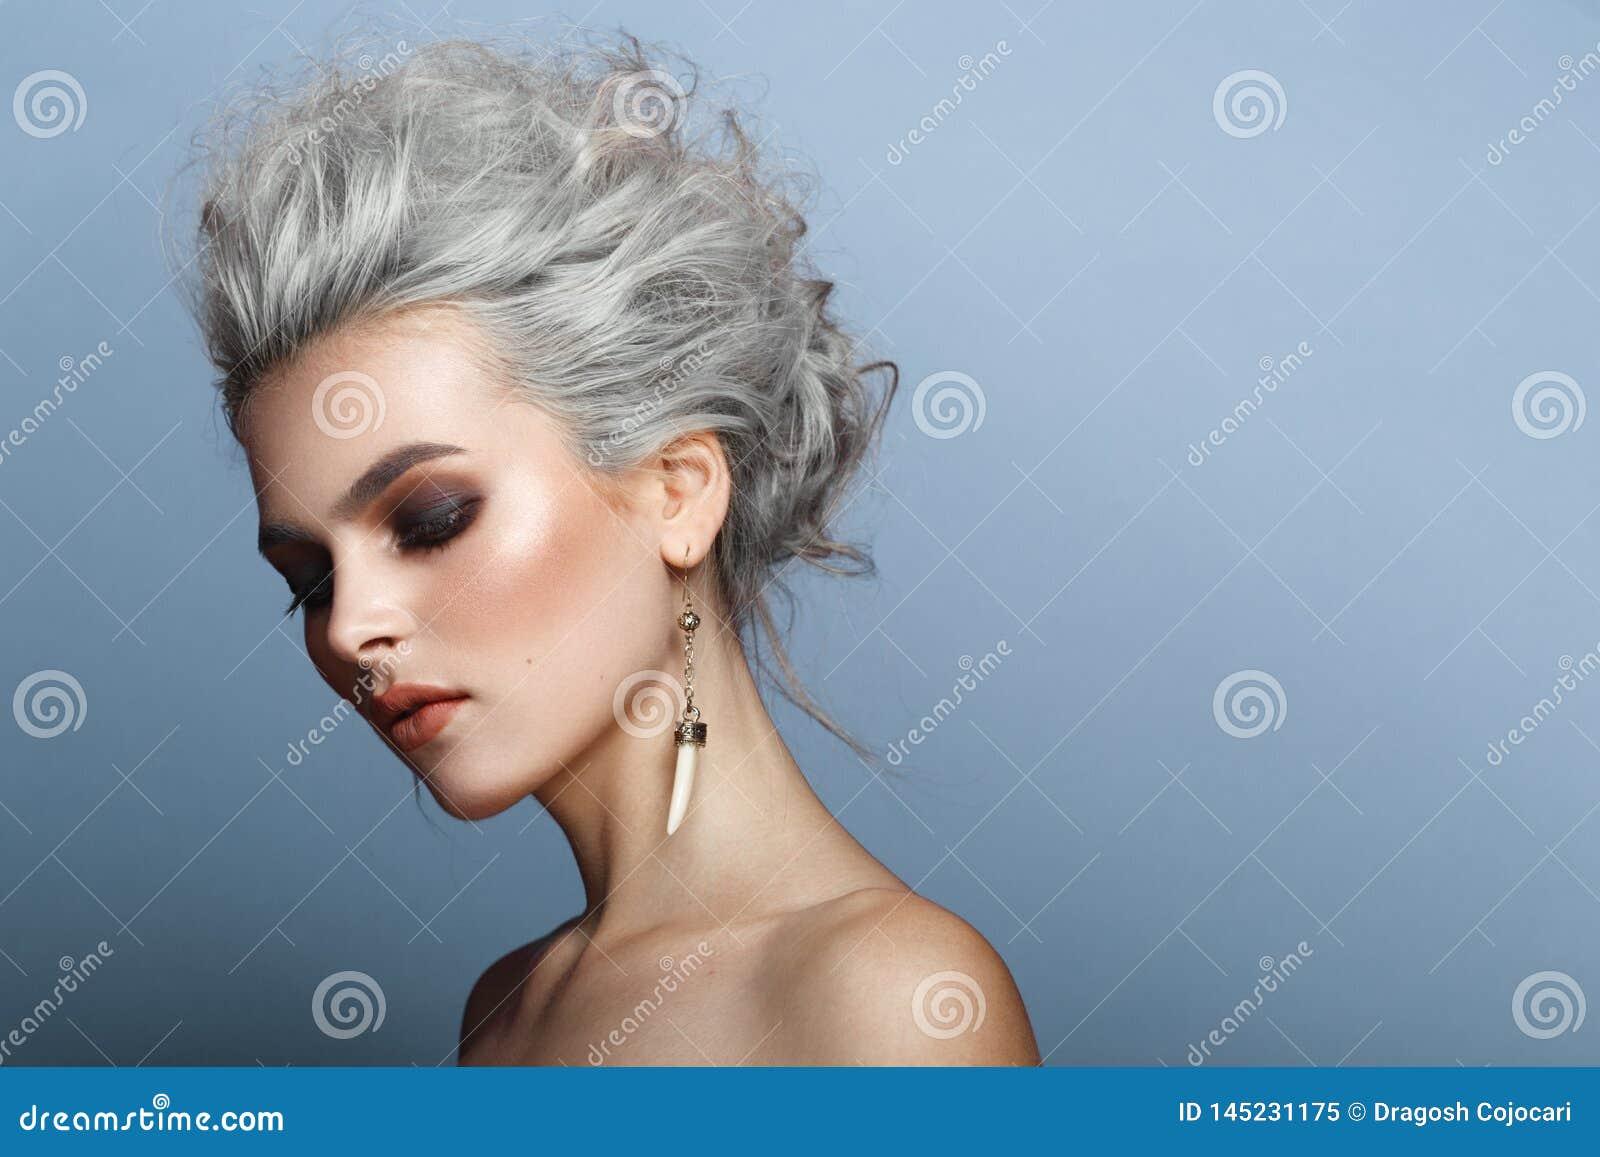 Profilståenden av innegrejen, ursnygg ung blond kvinna, utgör, nakna skuldror, på en blå bakgrund